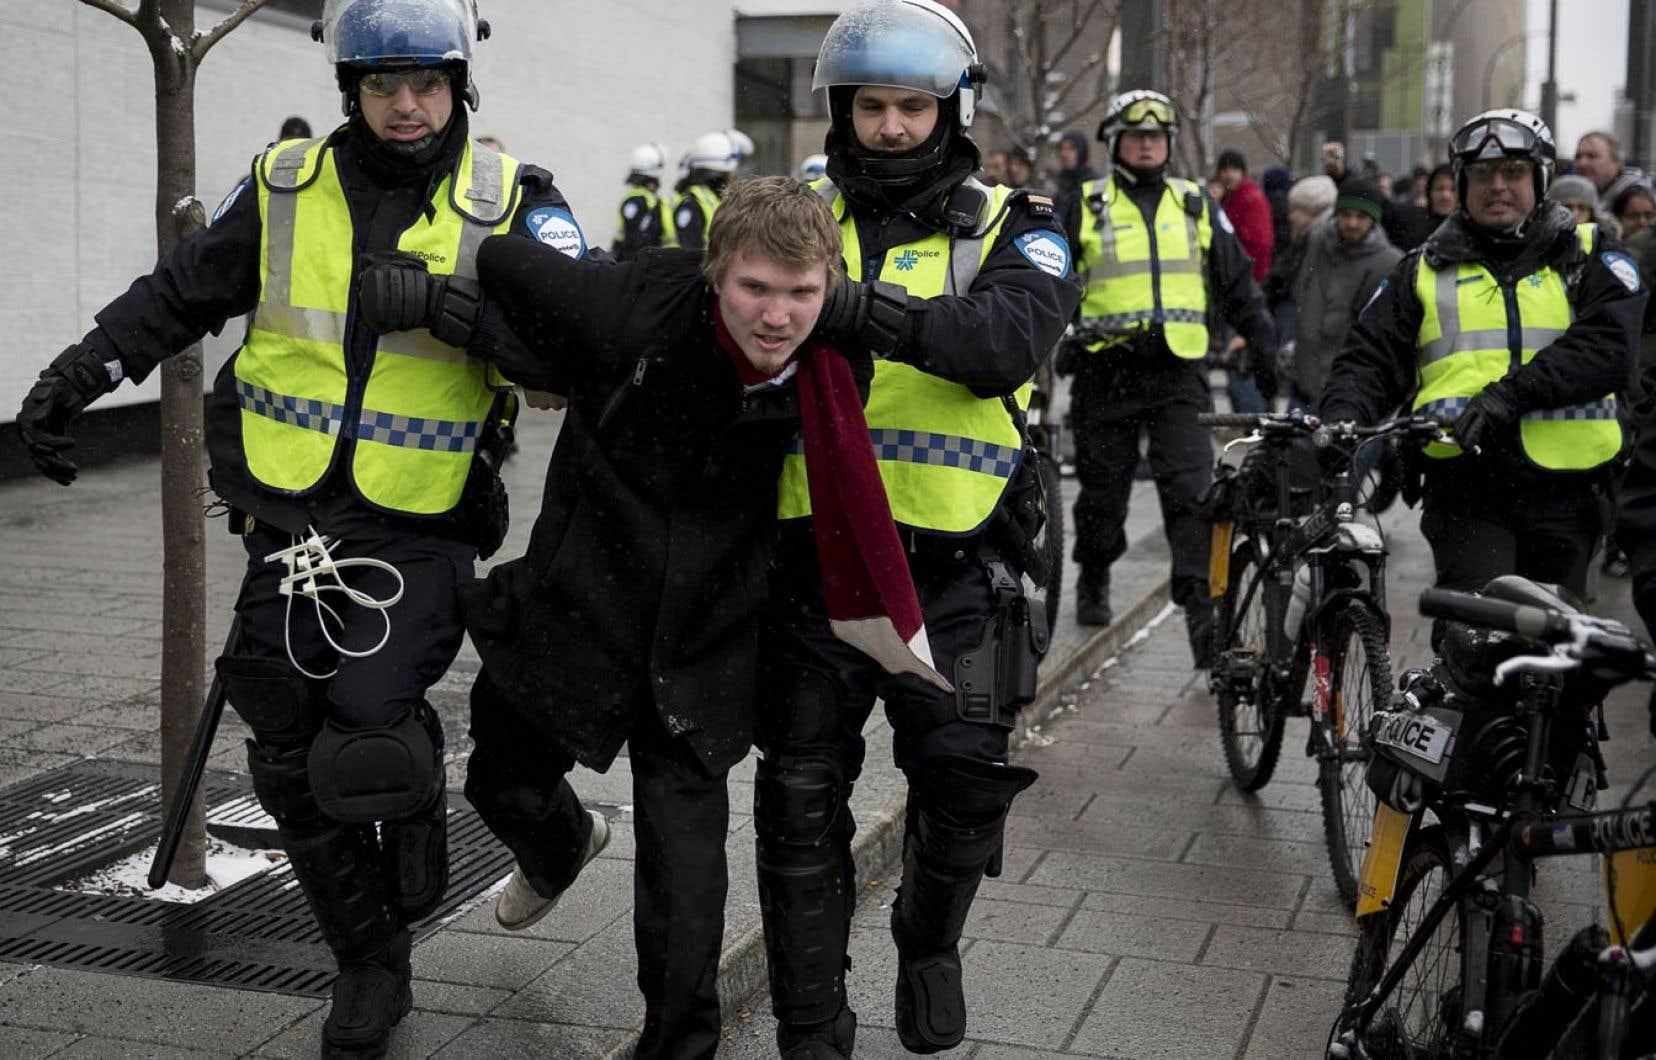 Le rapport annuel du SPVM ne comprend aucun mot sur les incidents survenus durant l'année 2013, ni sur les enjeux entourant le profilage social et politique, comme ceux de l'annuelle manifestation contre la brutalité policière (notre photo), lors de laquelle plusieurs personnes ont été arrêtées avant même que ne débute la manifestation.